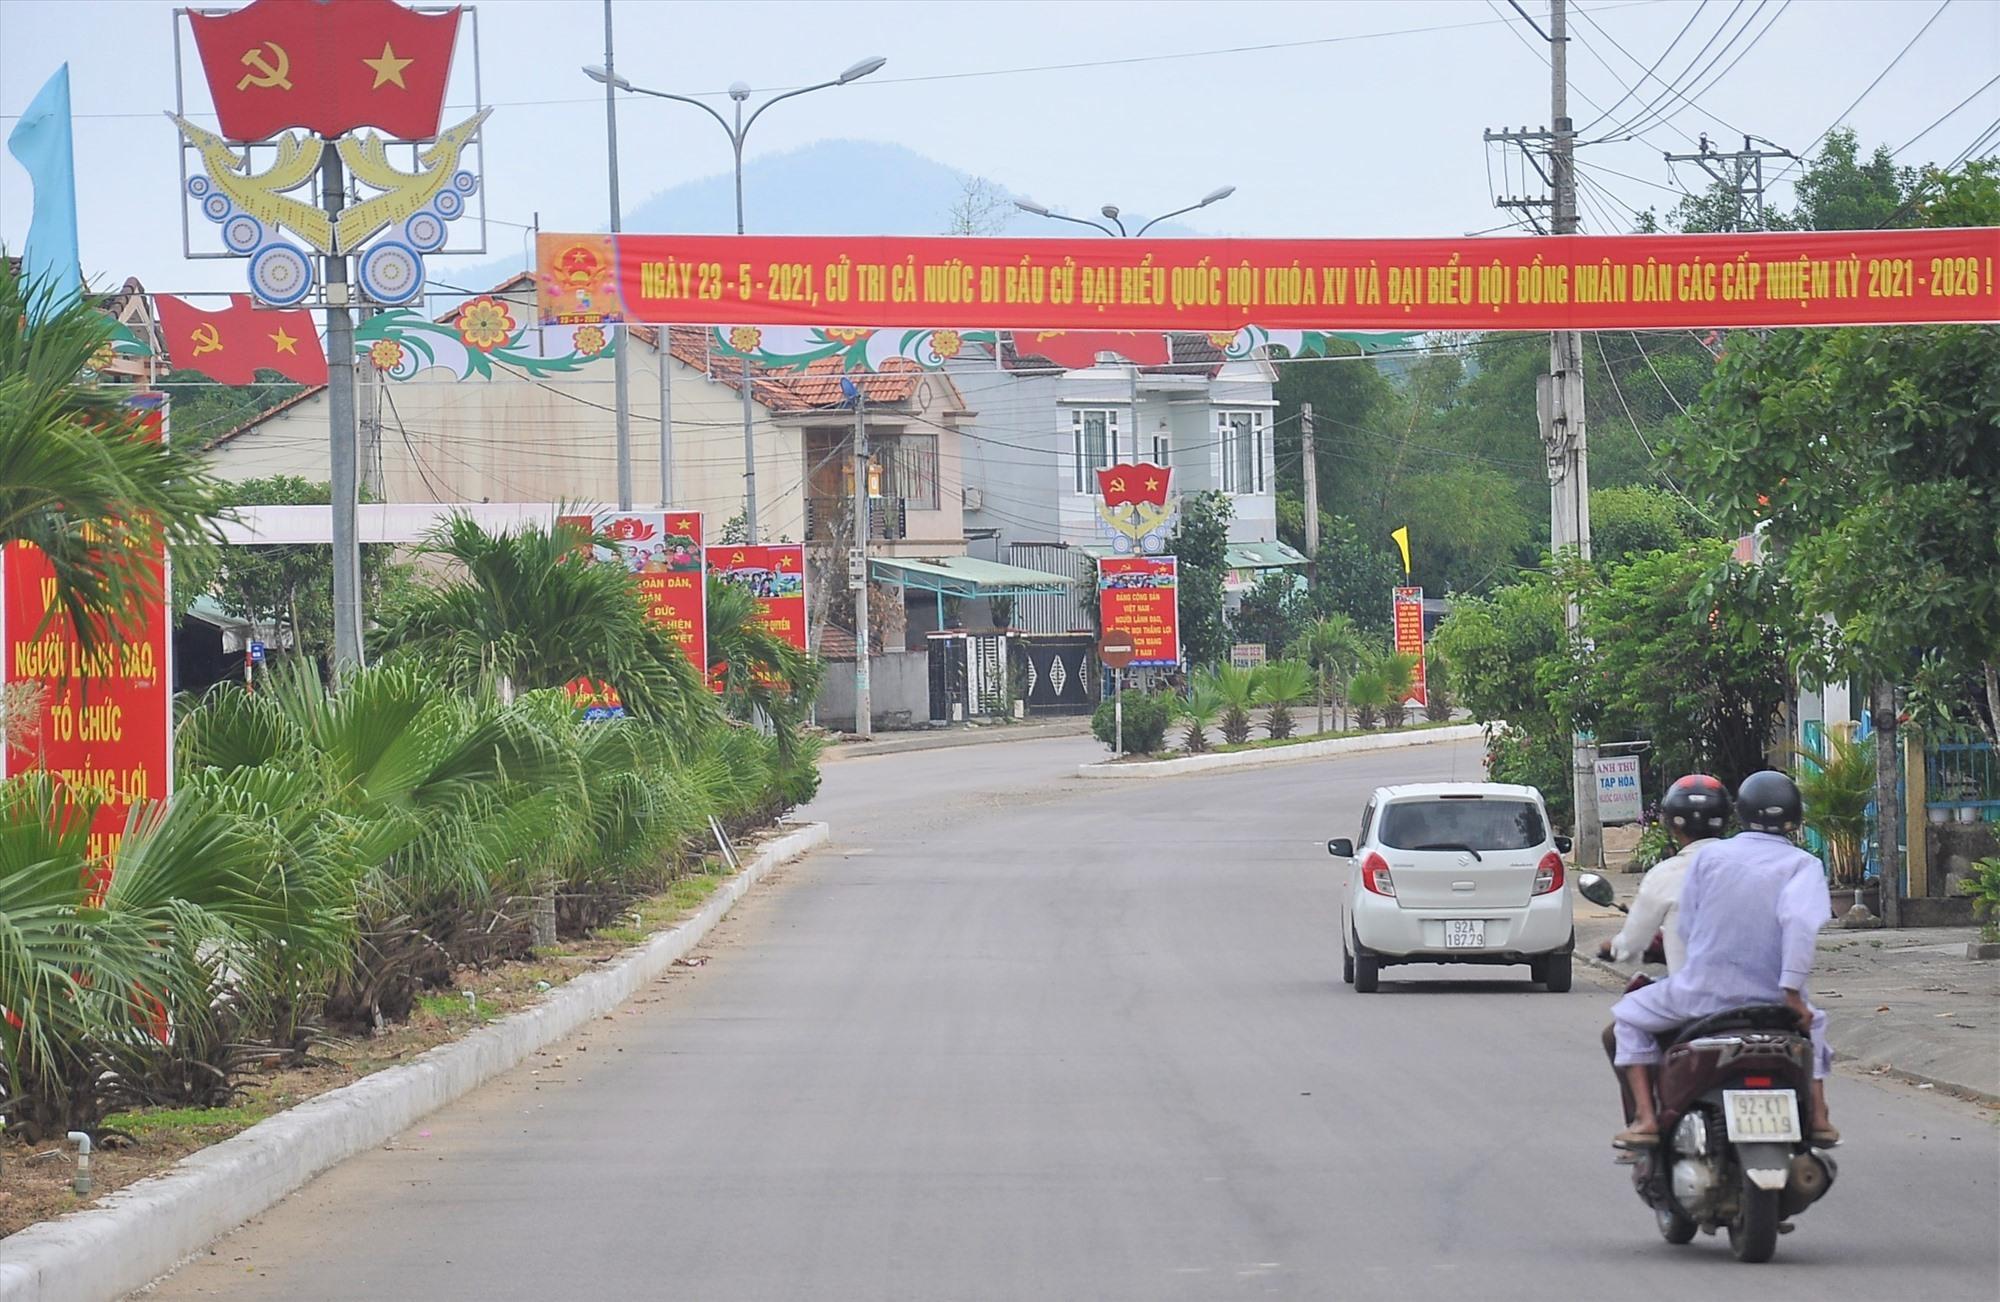 Tuyên truyền bầu cử tại thị trấn Tân Bình (Hiệp Đức). Ảnh: SỰ ANH